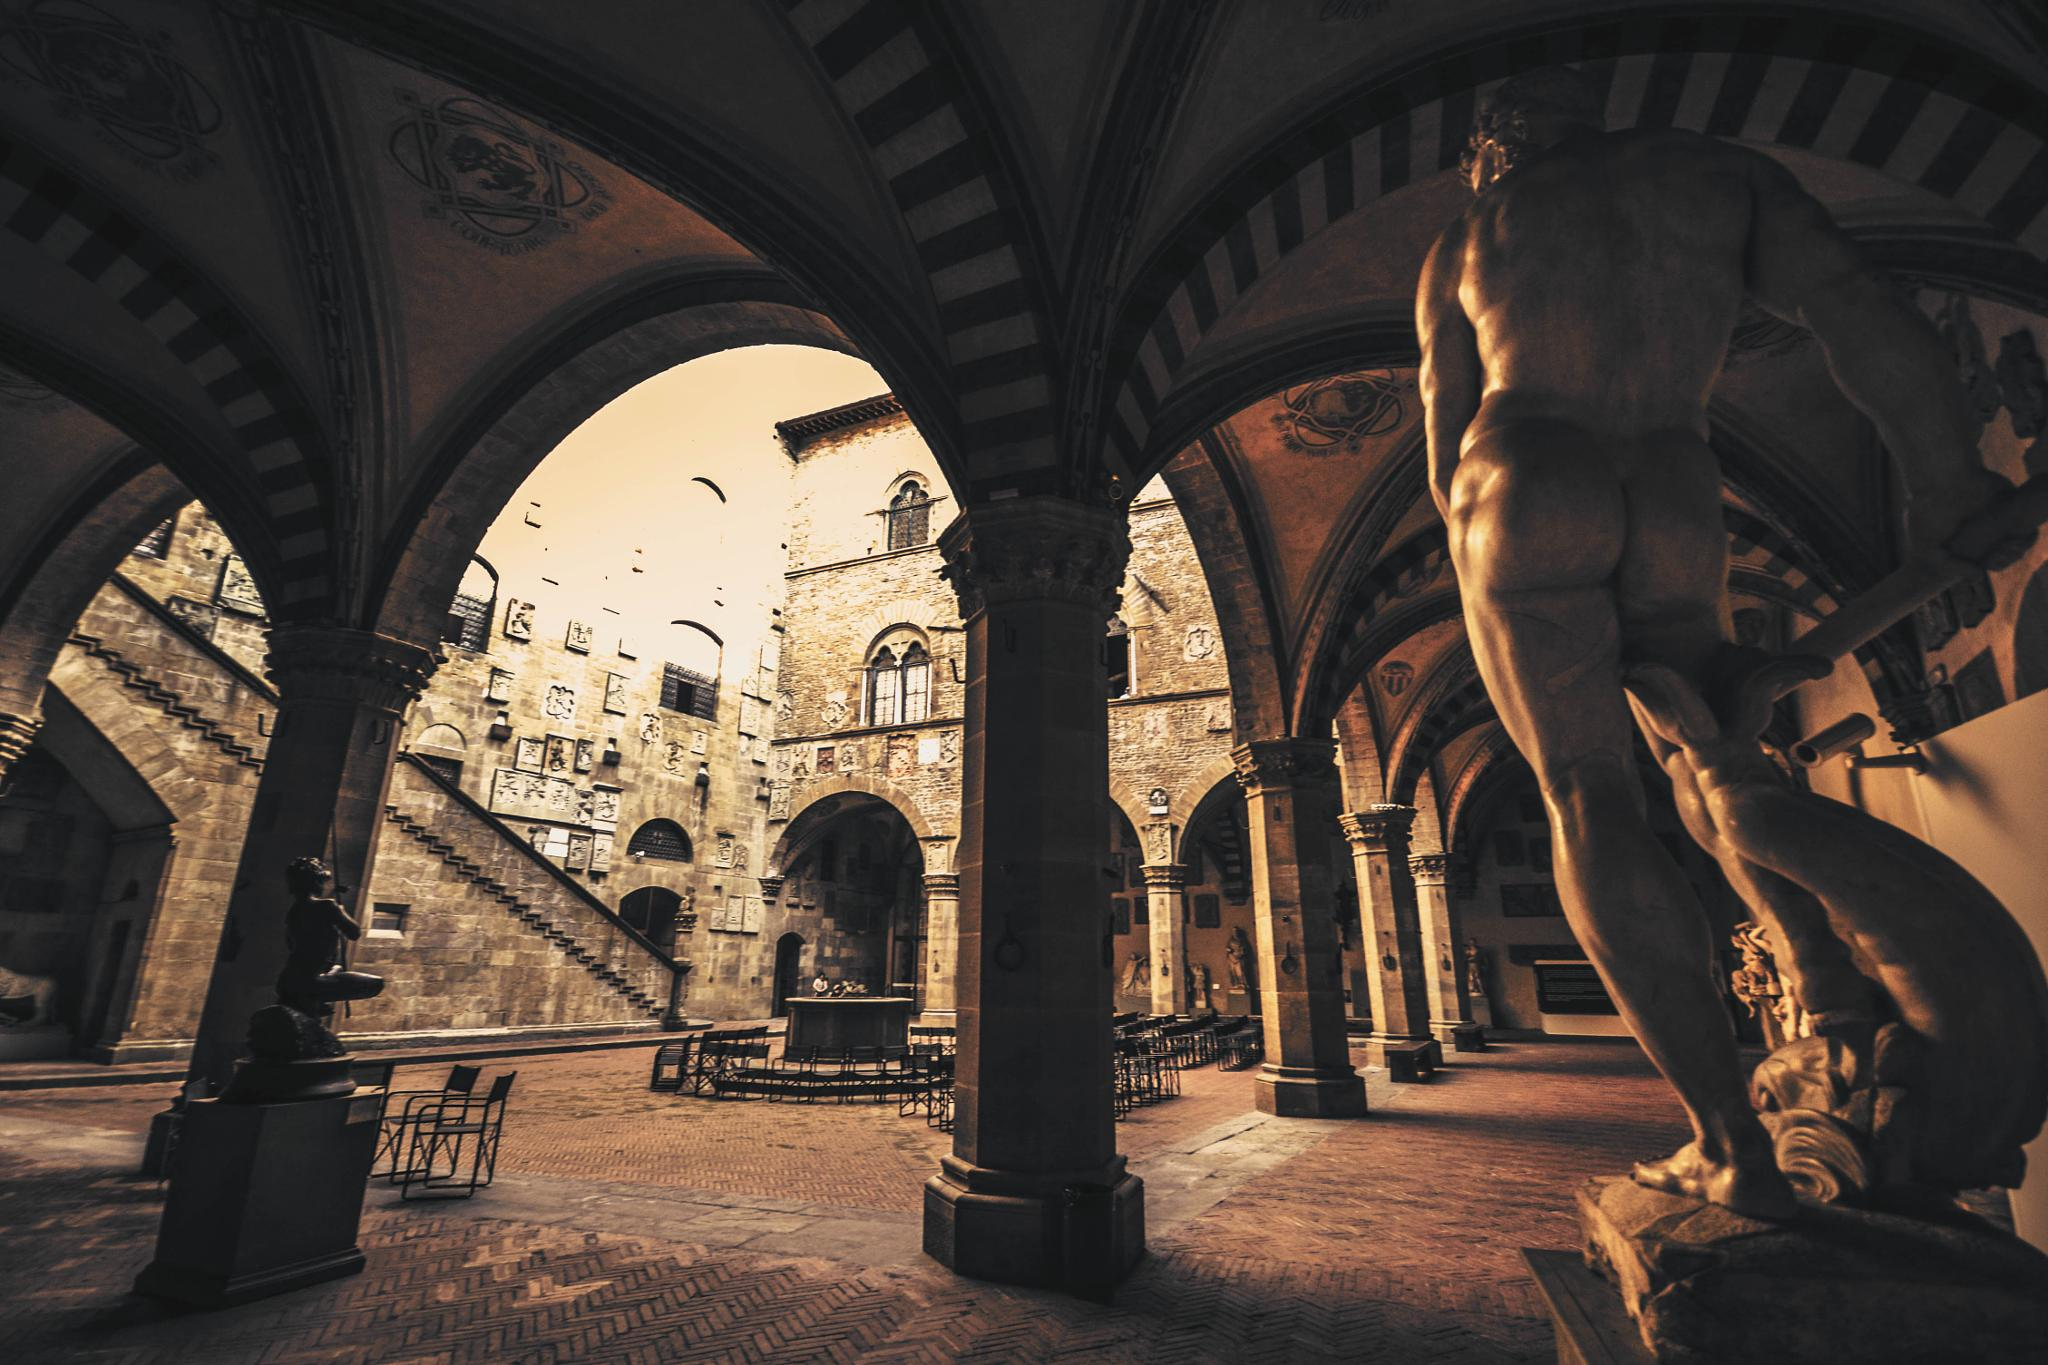 Museo Bargello, Florencia. by Curro Medina